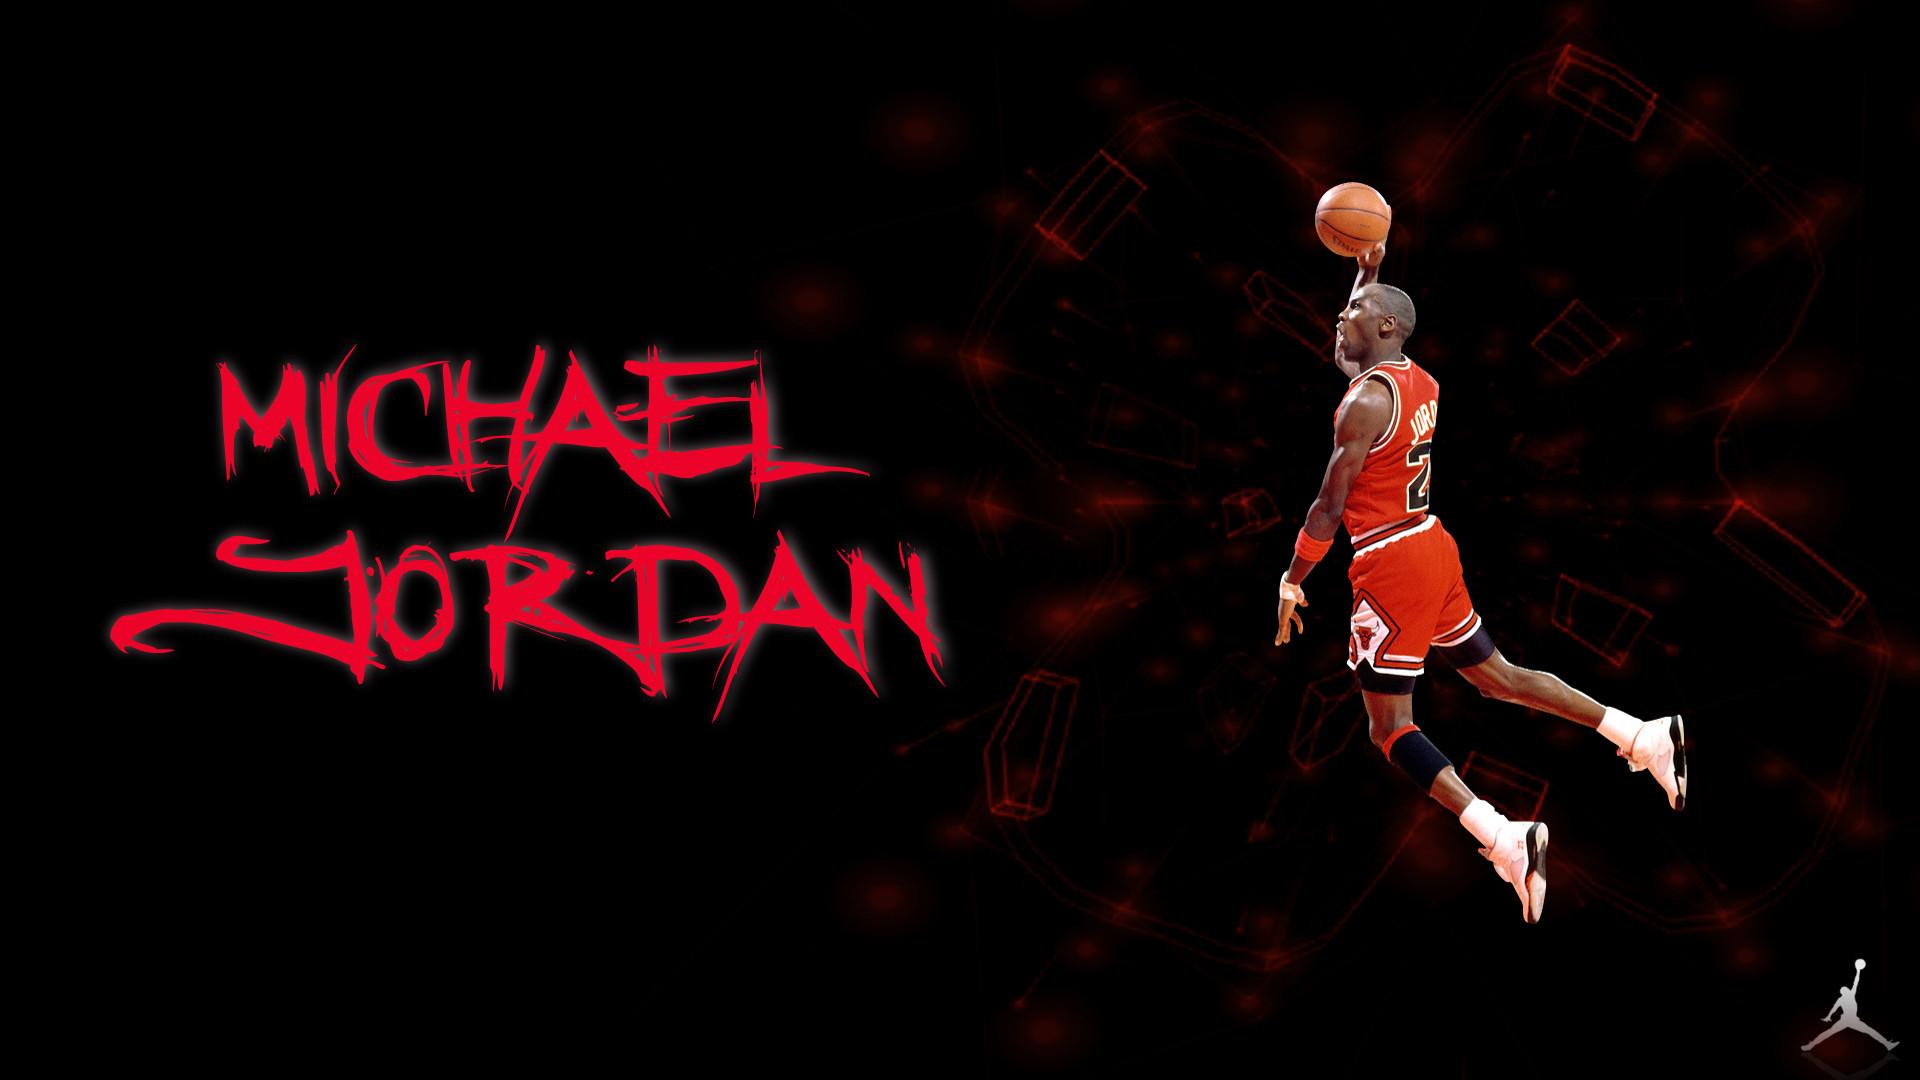 Air Jordan Logo Choose Logo Format Encapsulated Postscript 160 75kb